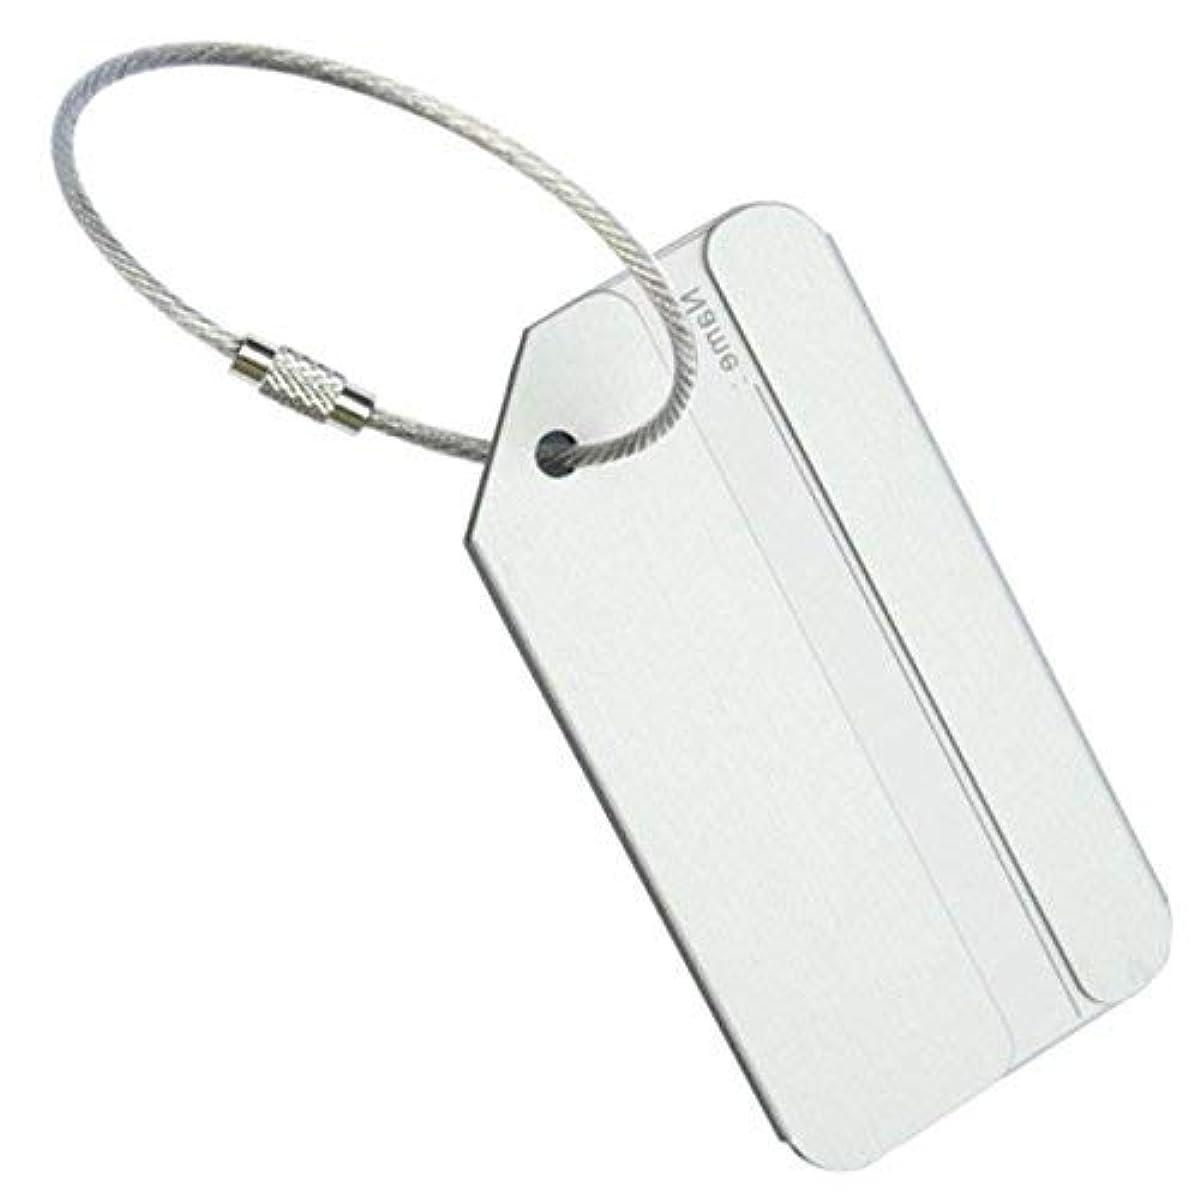 偉業メダリスト前にMilent 荷物タグ 旅行 金属IDタグ アルミネームカード 旅行荷物 手荷物 スーツケース IDタグ 1個入